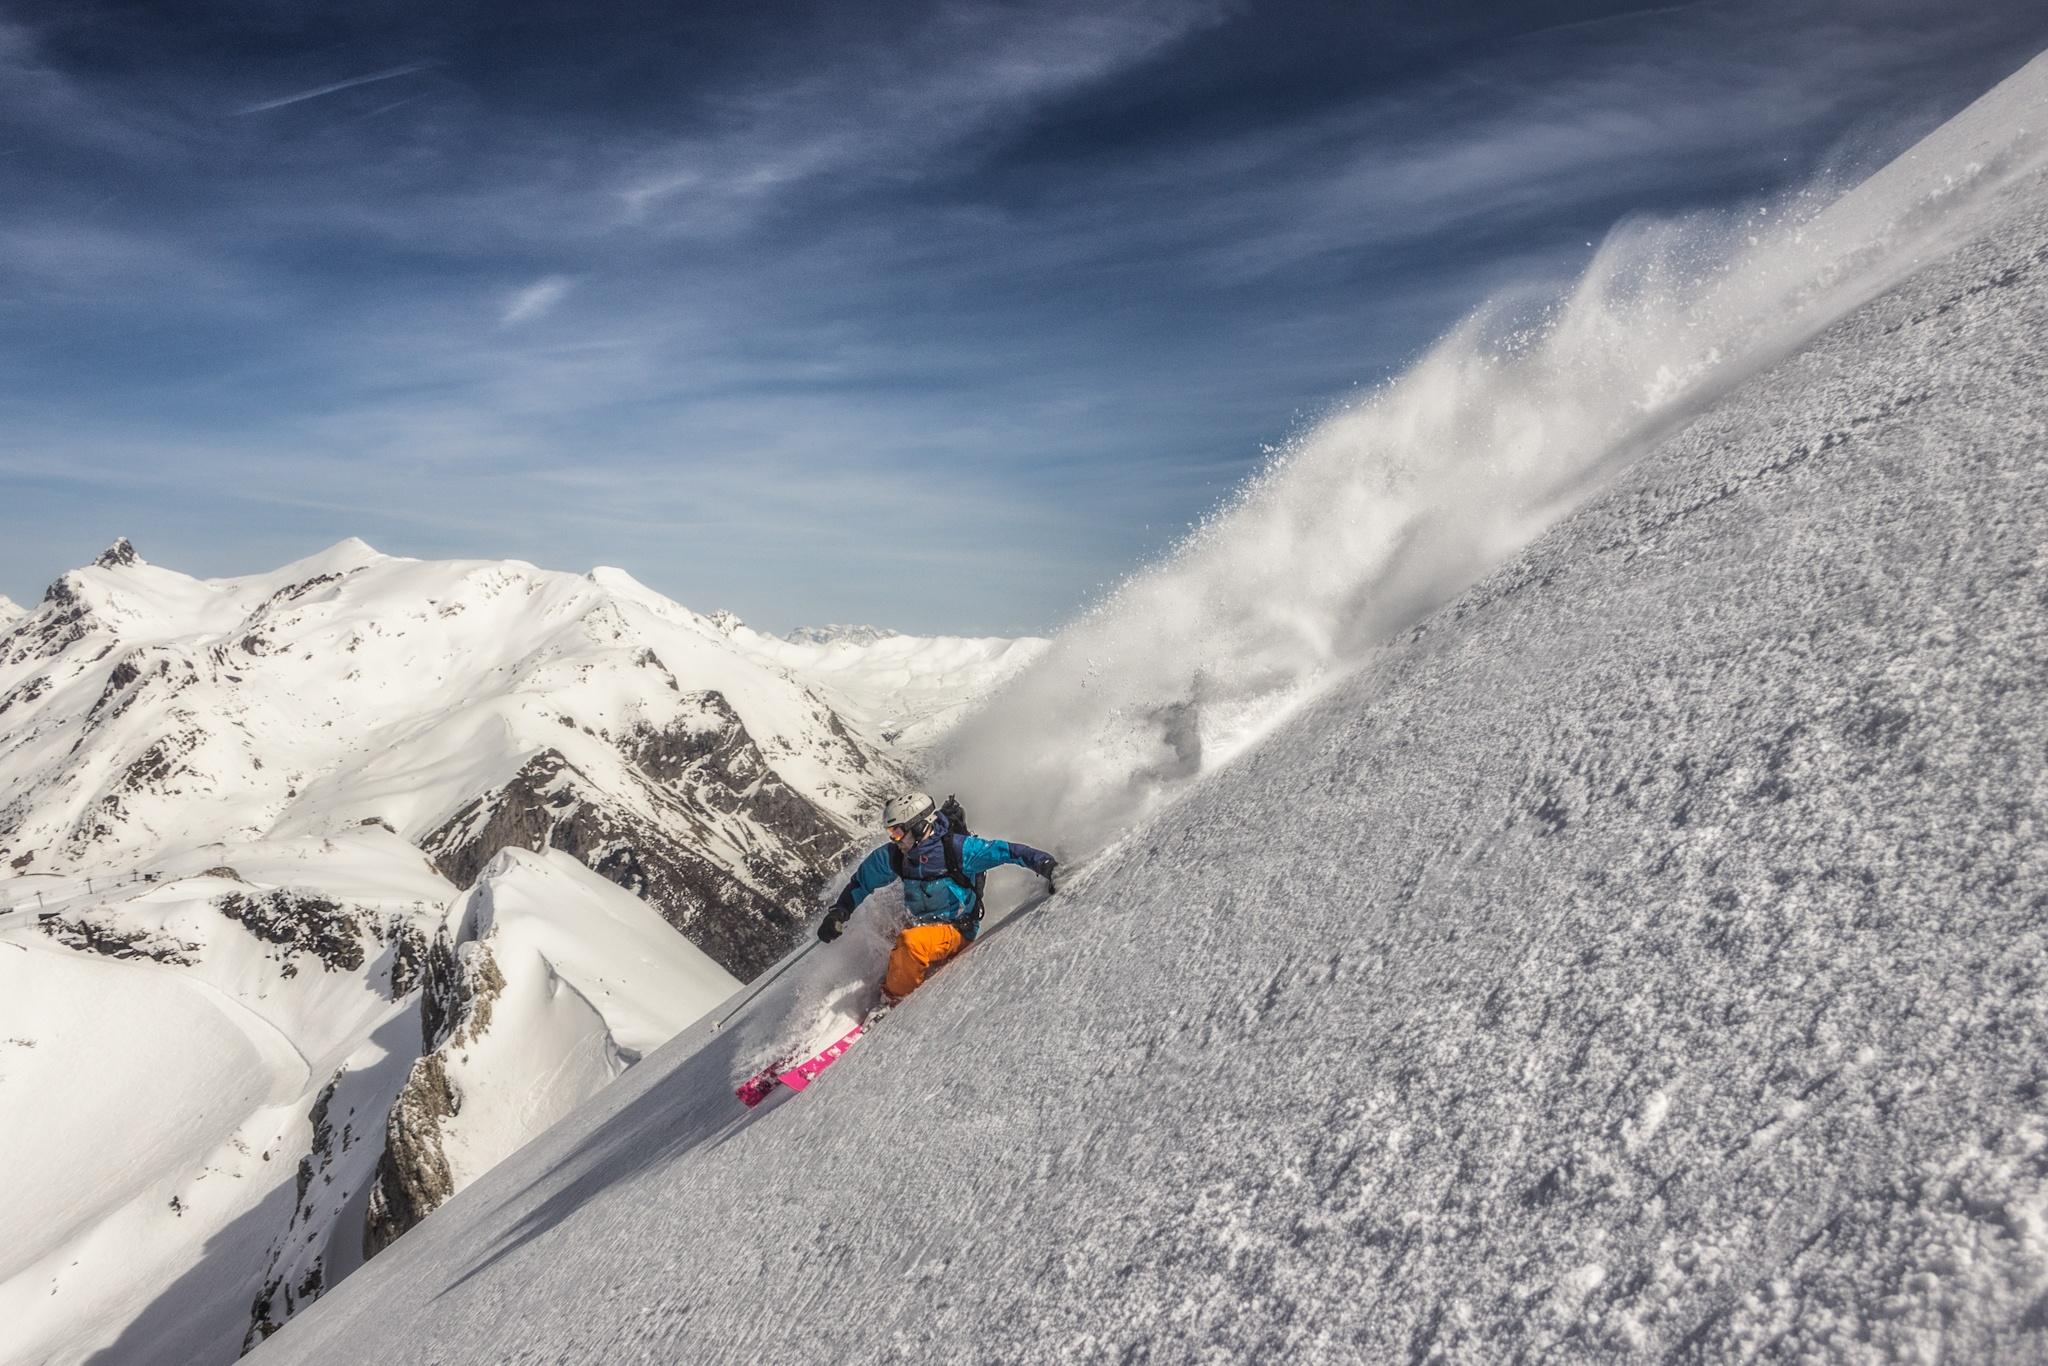 Candanchu, Iñigo Beloki - Ski & Snowboard - Fotos del Valle del Aragón, Mikel Besga